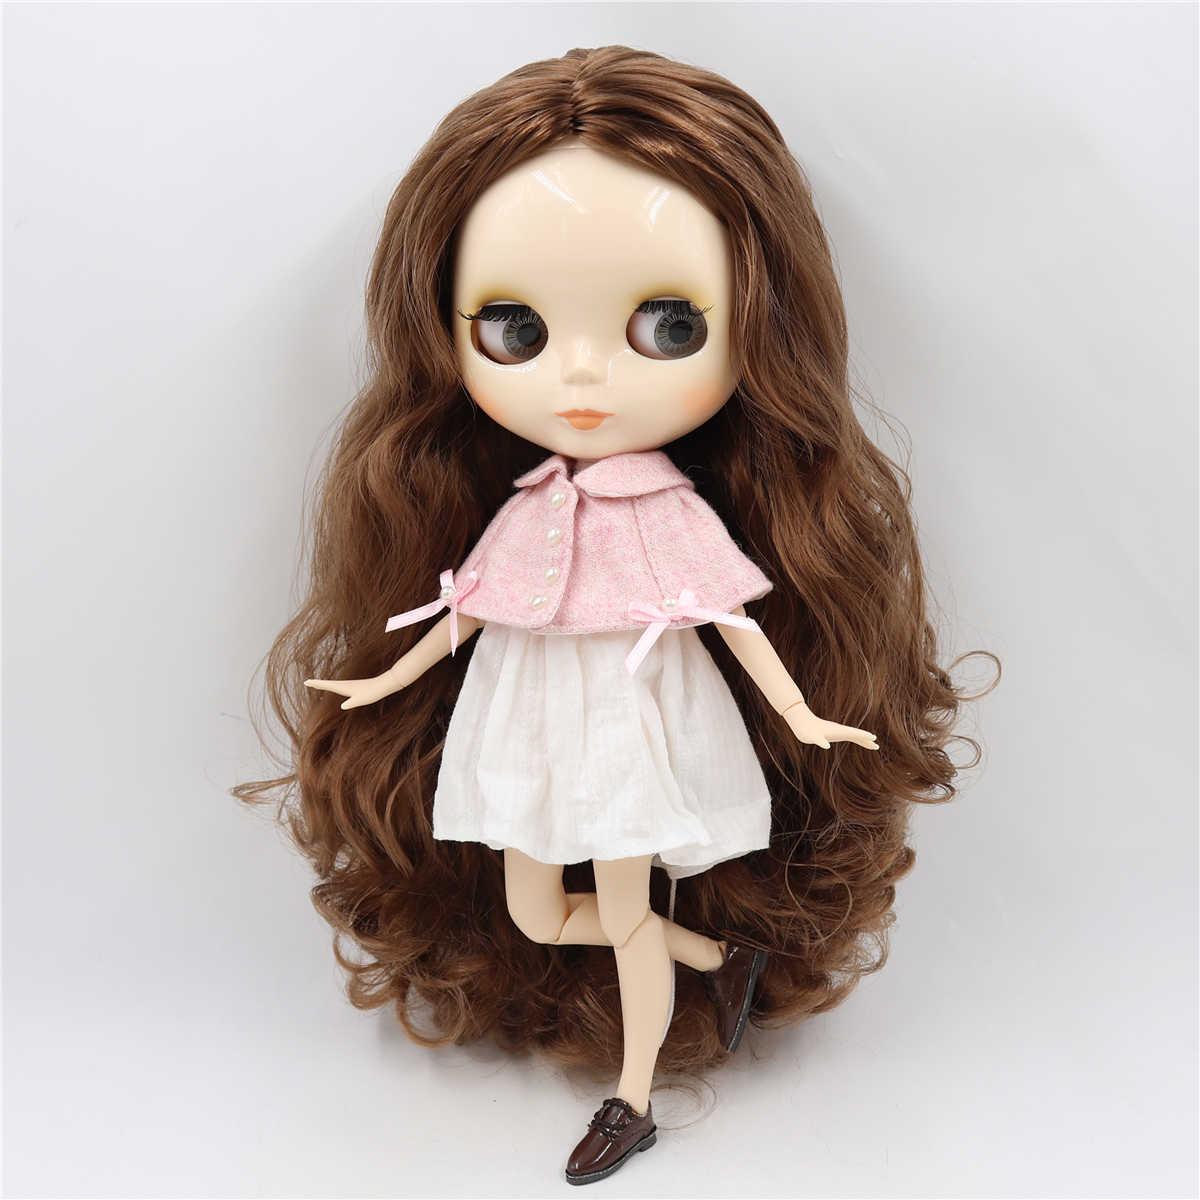 ICY factory blyth muñeca de juguete Cuerpo Conjunto bjd piel blanca cara brillante 1/6 juguete 30cm en oferta OFERTA ESPECIAL